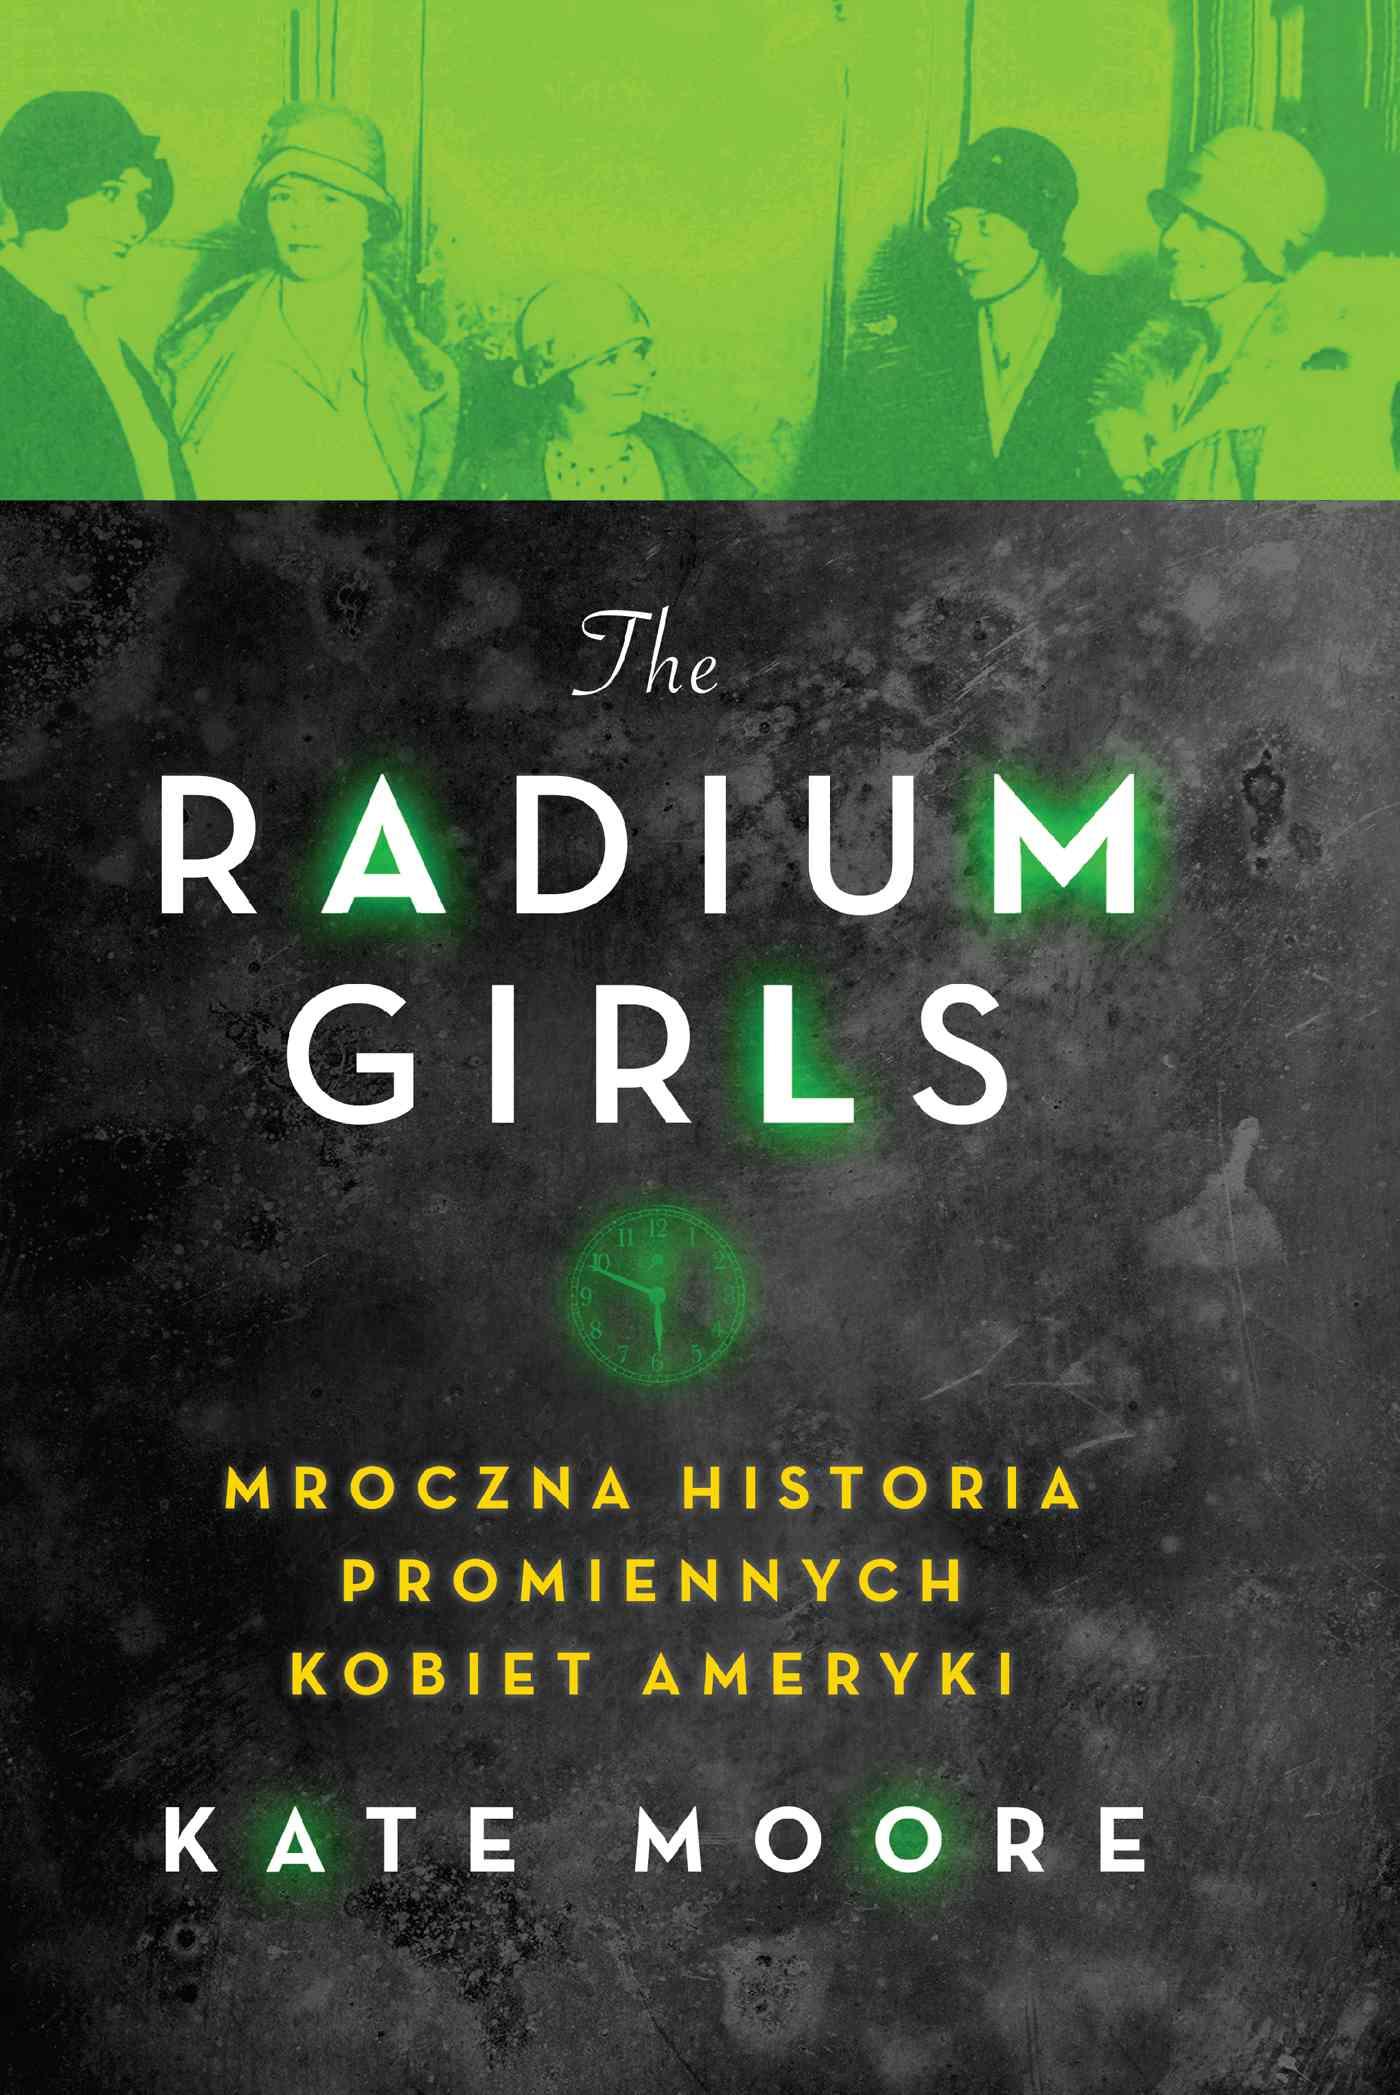 The Radium Girls. Mroczna historia promiennych kobiet Ameryki - Ebook (Książka na Kindle) do pobrania w formacie MOBI